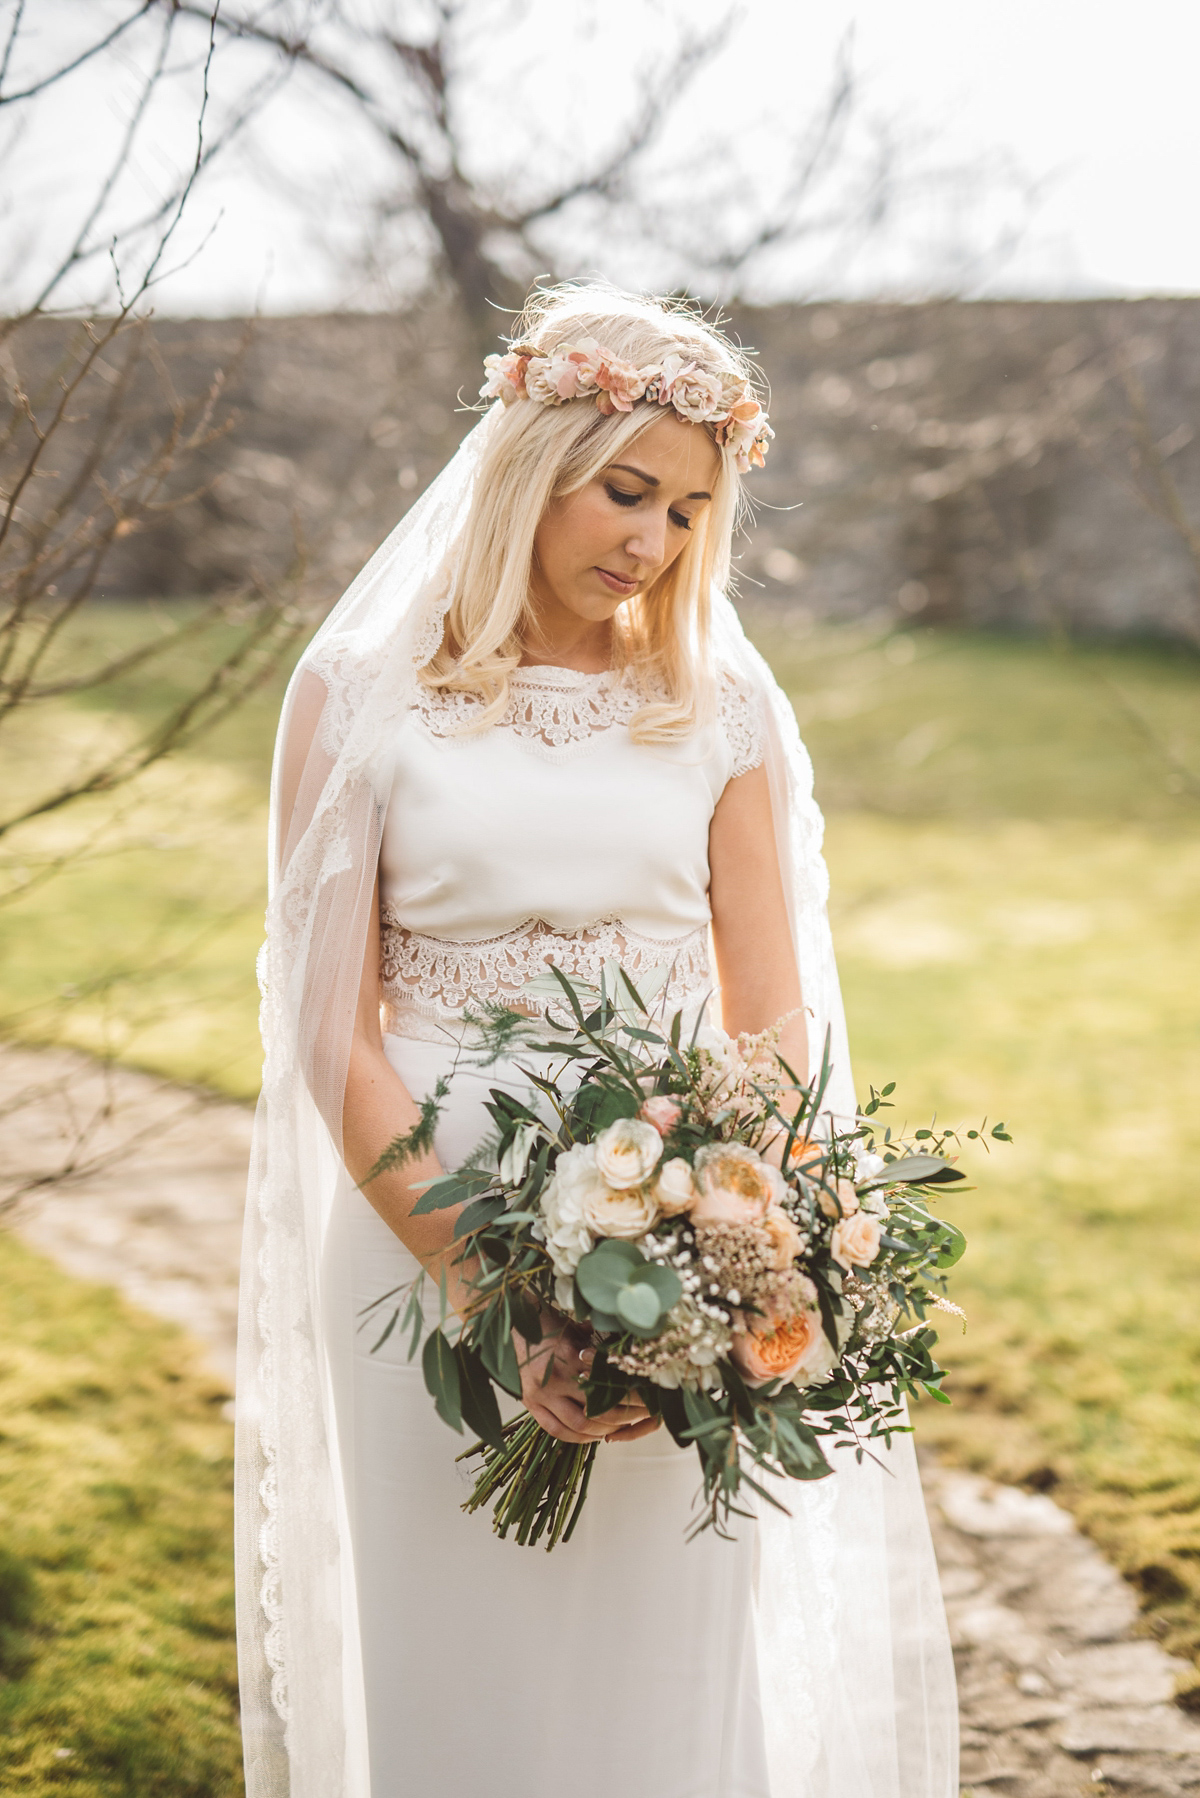 rime-arodaky-french-ireland-wedding-37-1.jpg